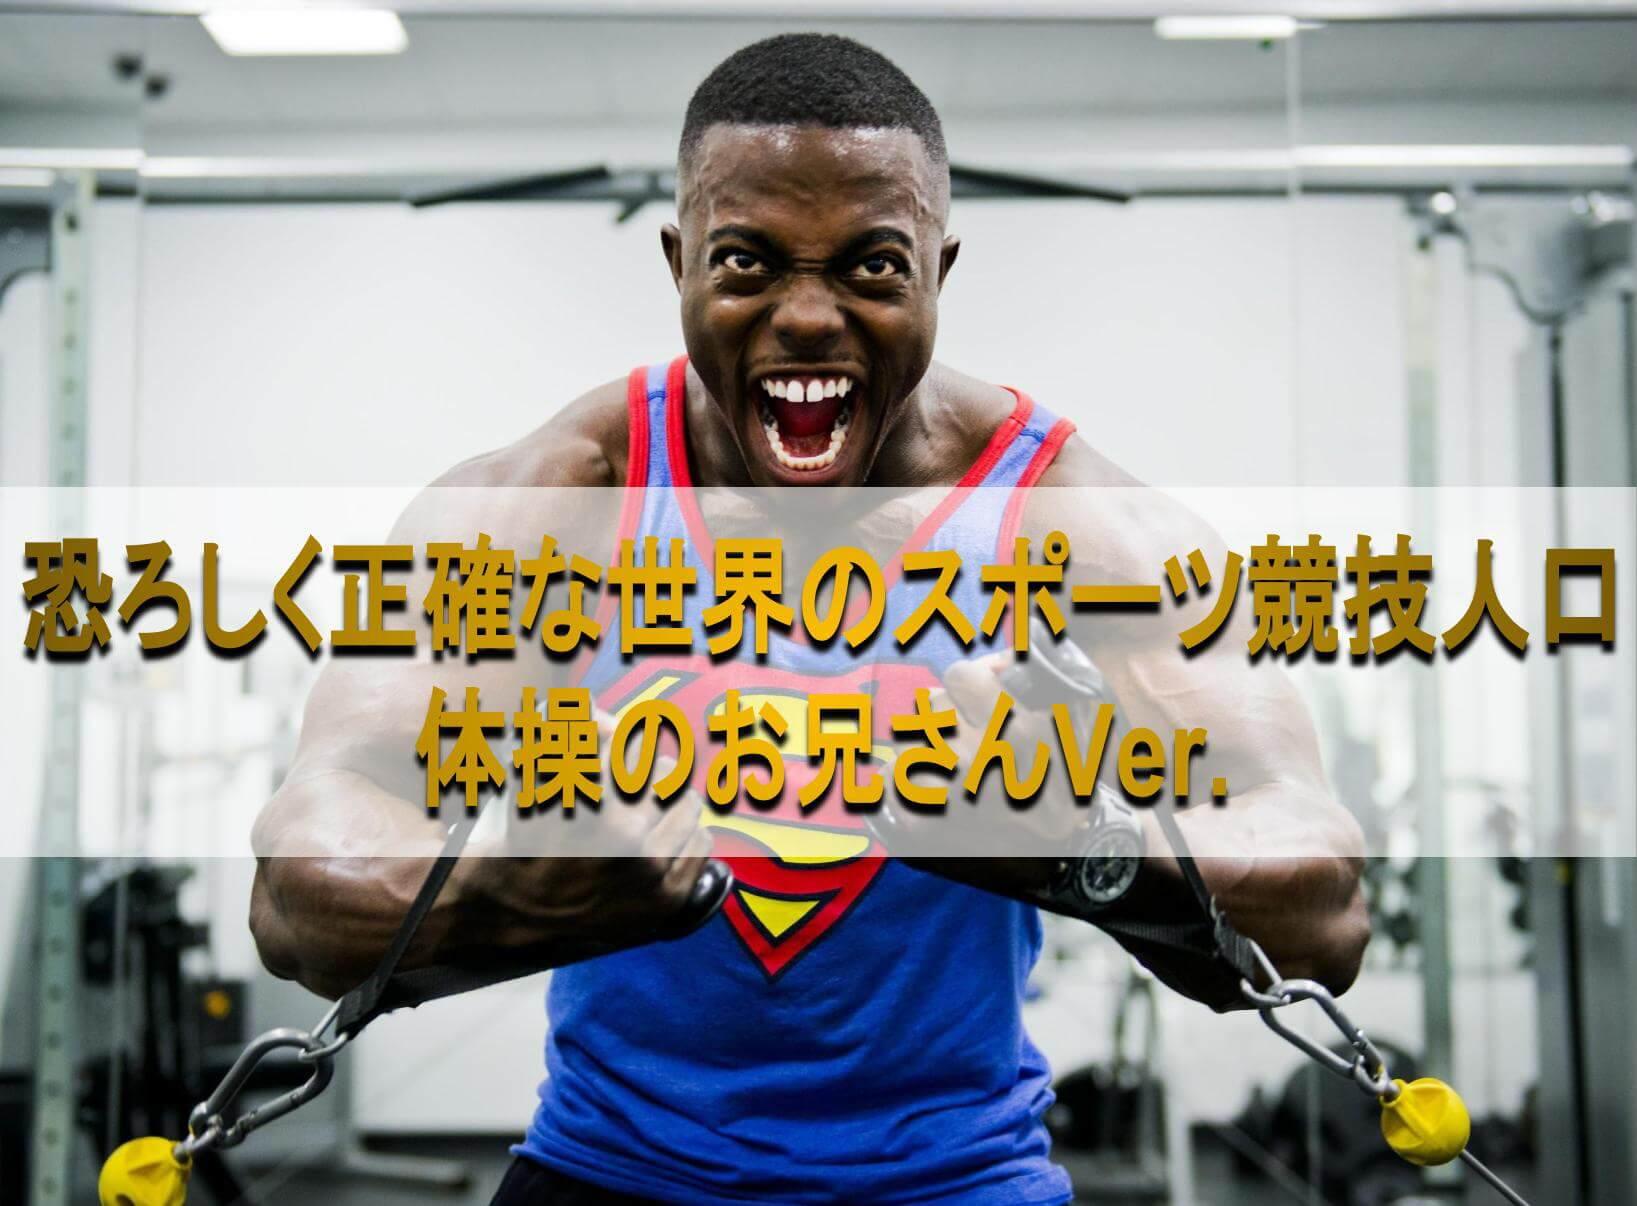 ジムで絶叫する黒人男性 テキスト「恐ろしく正確な世界のスポーツ競技人口・体操のお兄さんVer.」